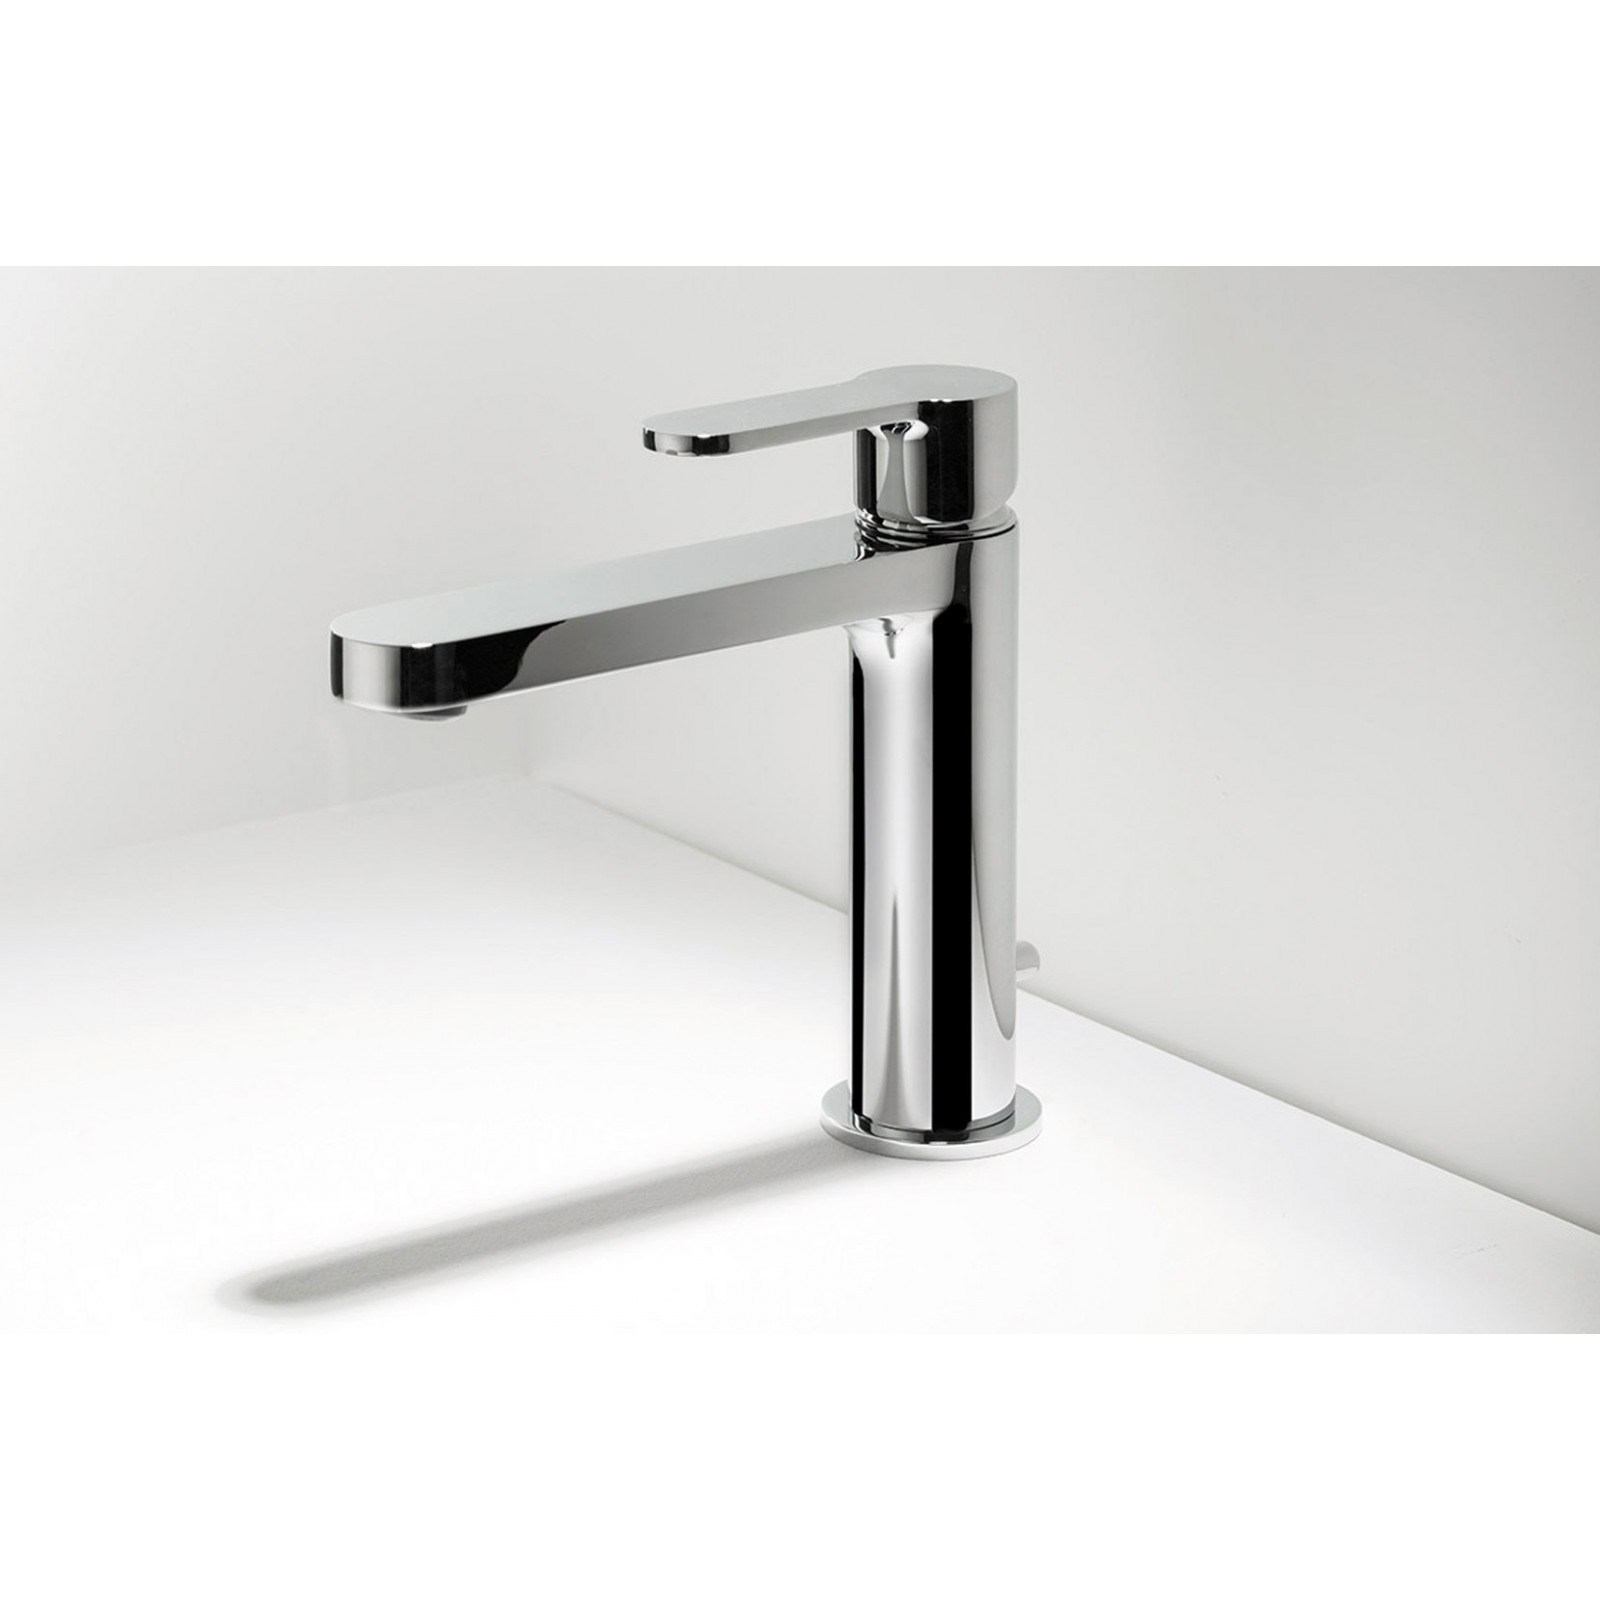 Tab rubinetterie per il bagno by Ritmonio - ConteCom